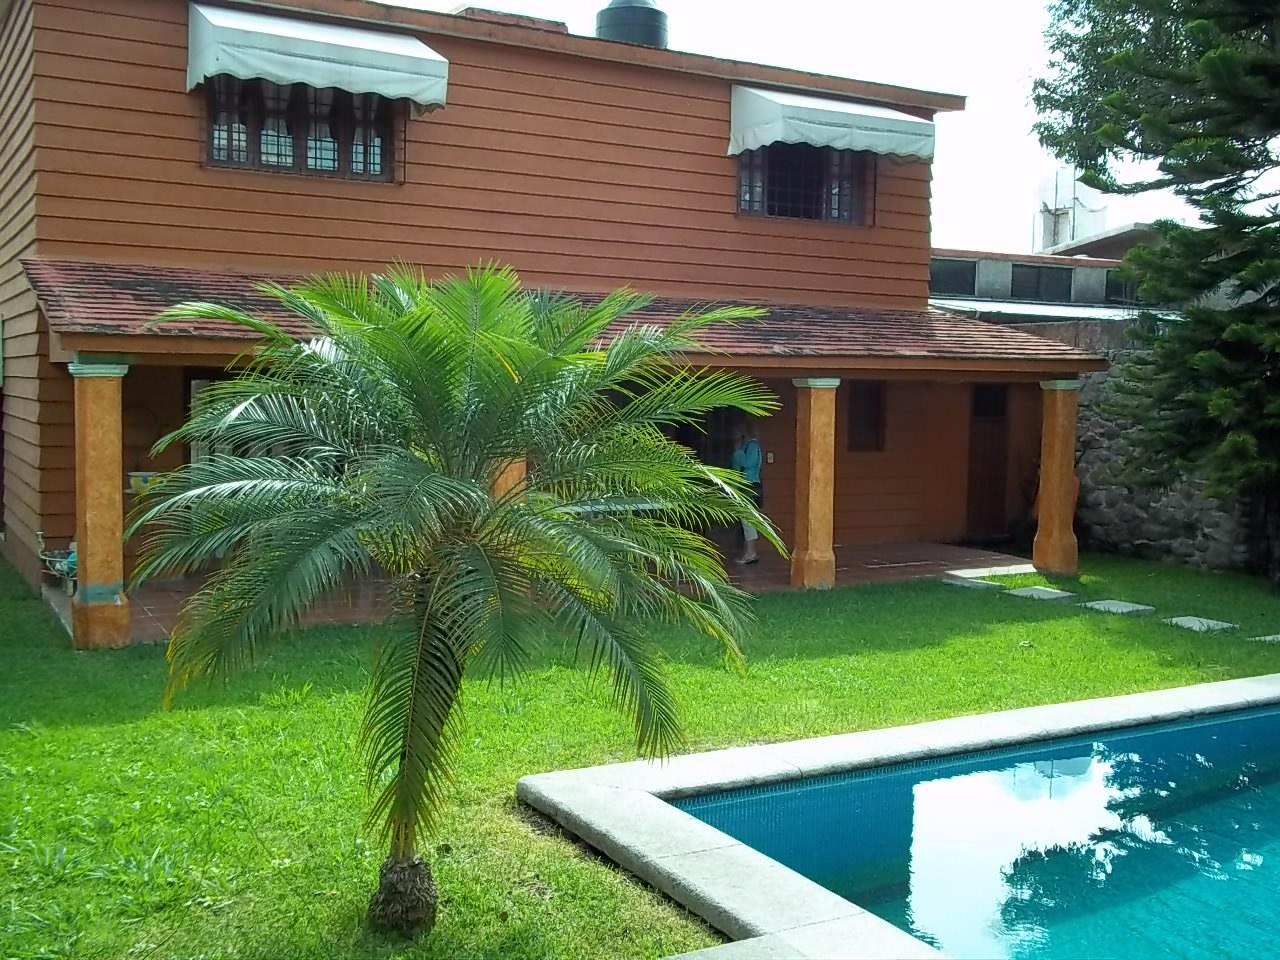 Casa sola en venta en Burgos, Cuernavaca